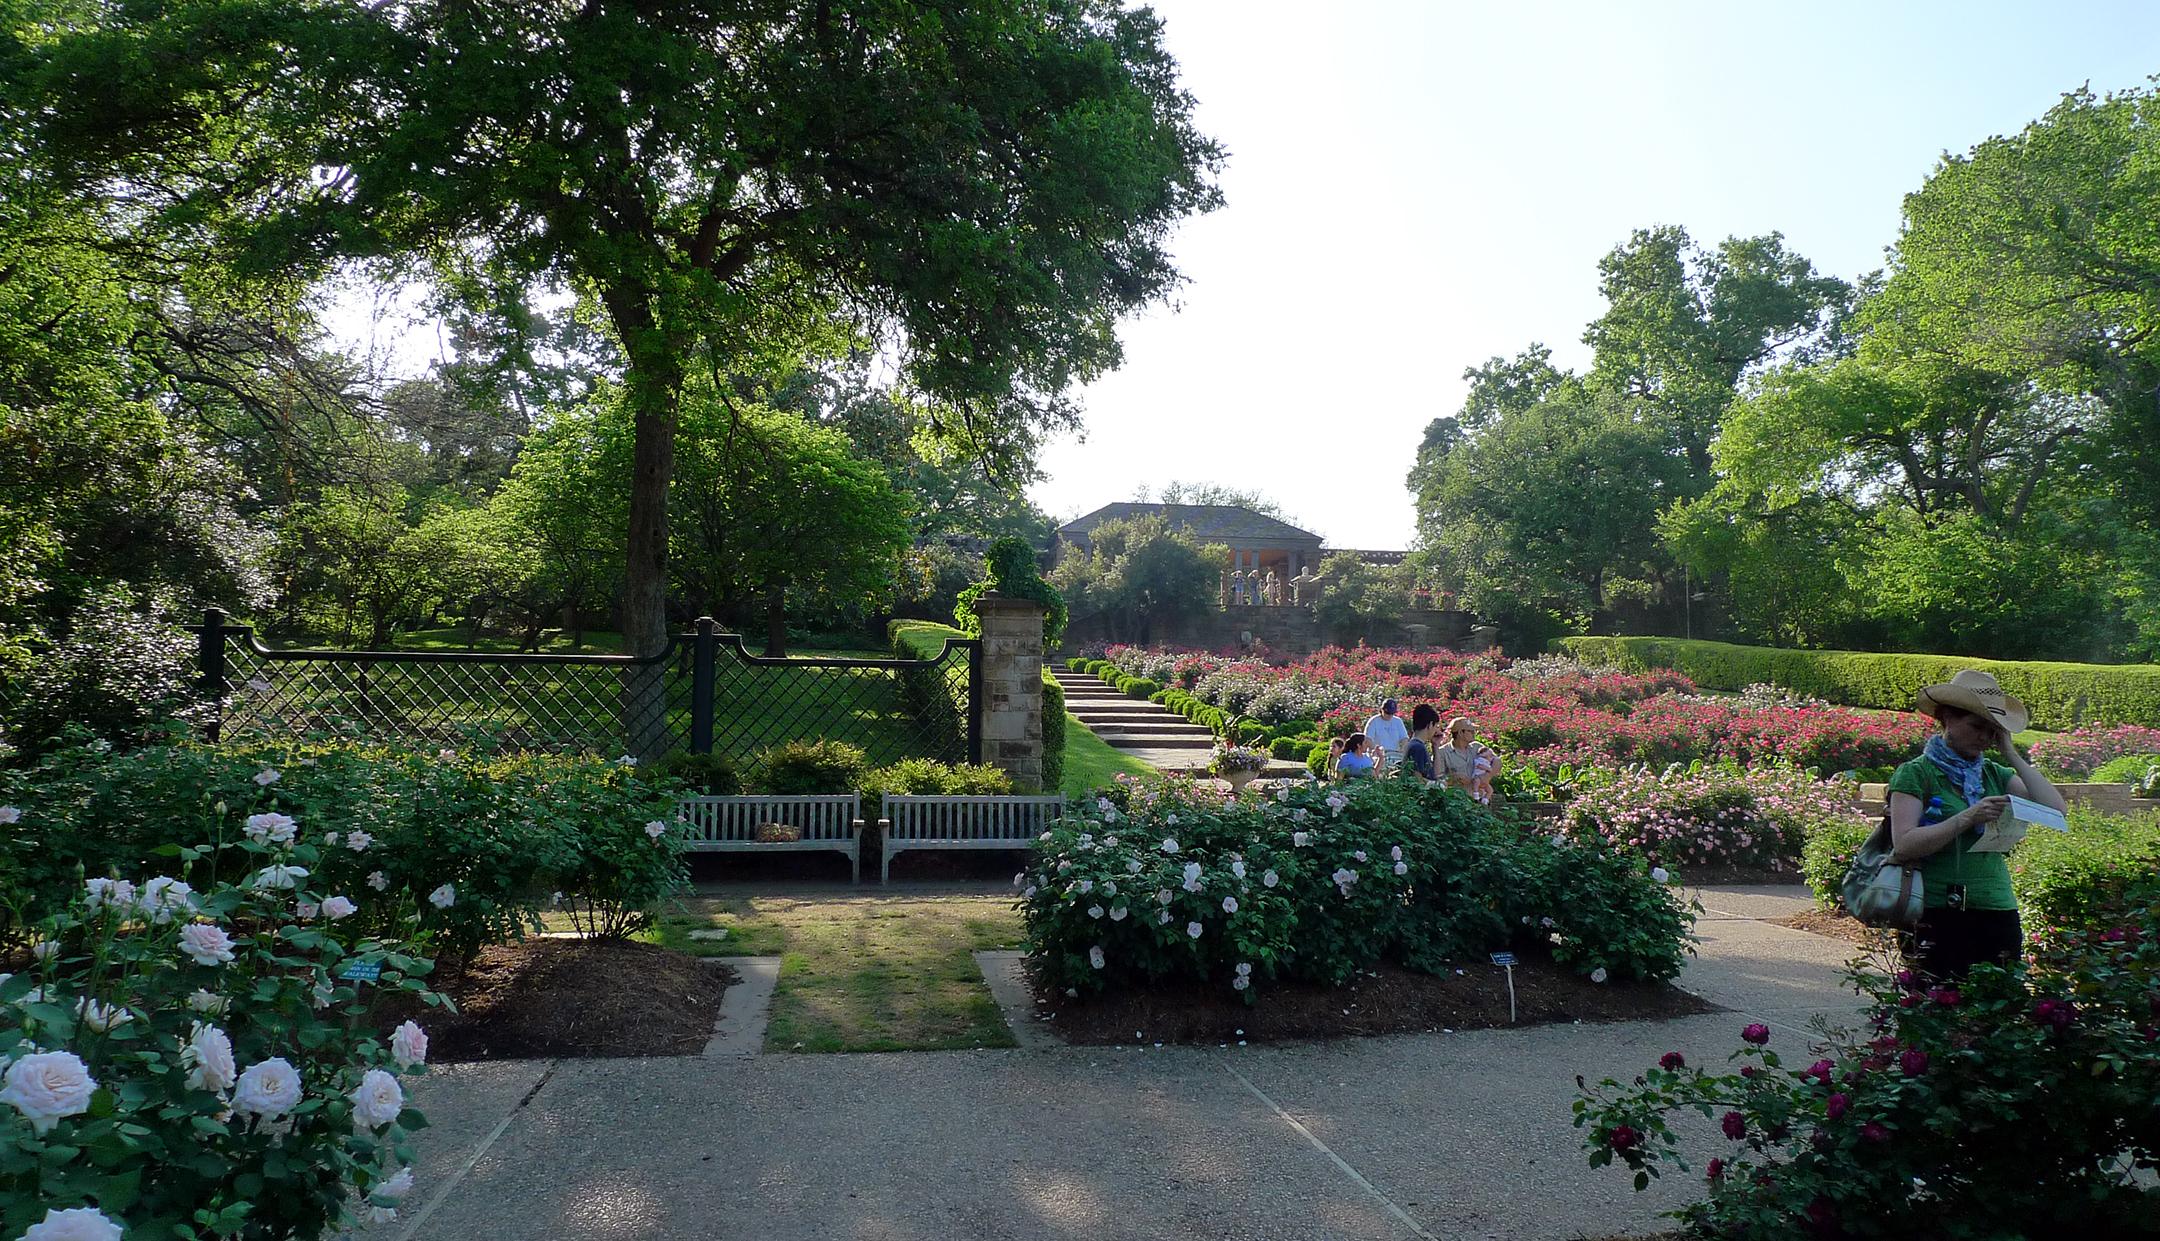 Allison Crosbie Fort Worth Botanical Garden